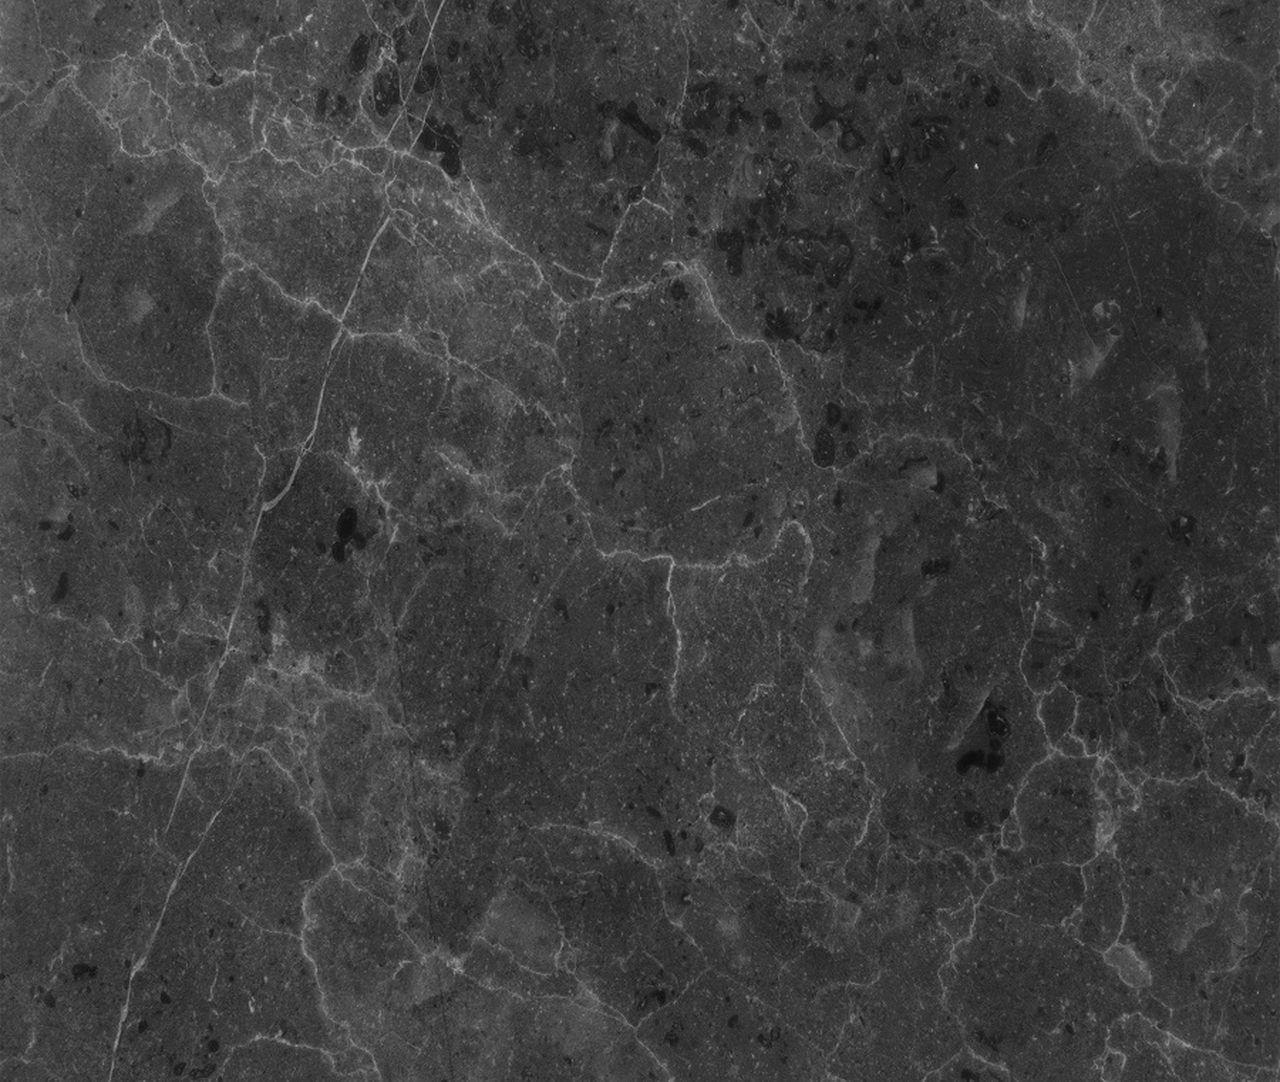 Adesivo Lavável Imita Mármore/Granito Preto Textura 10